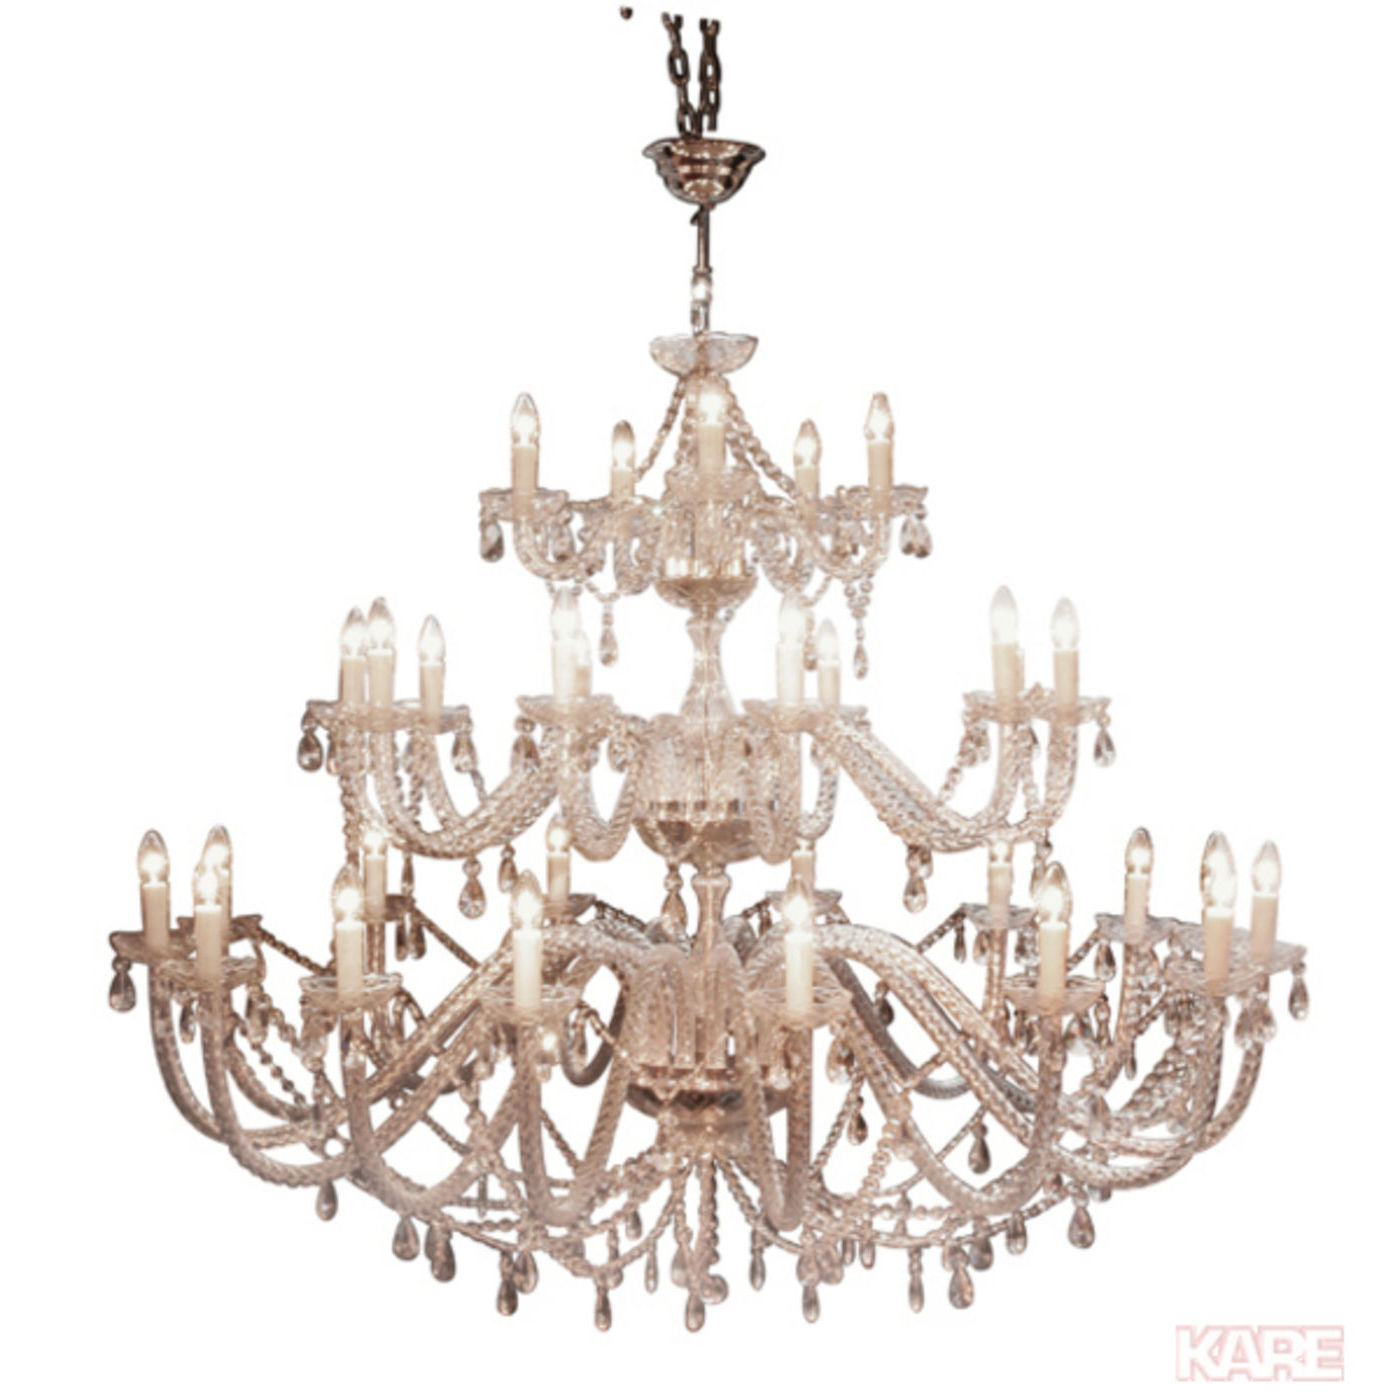 Billede af Kare Design Loftslampe, Gioiello Feudal Clear